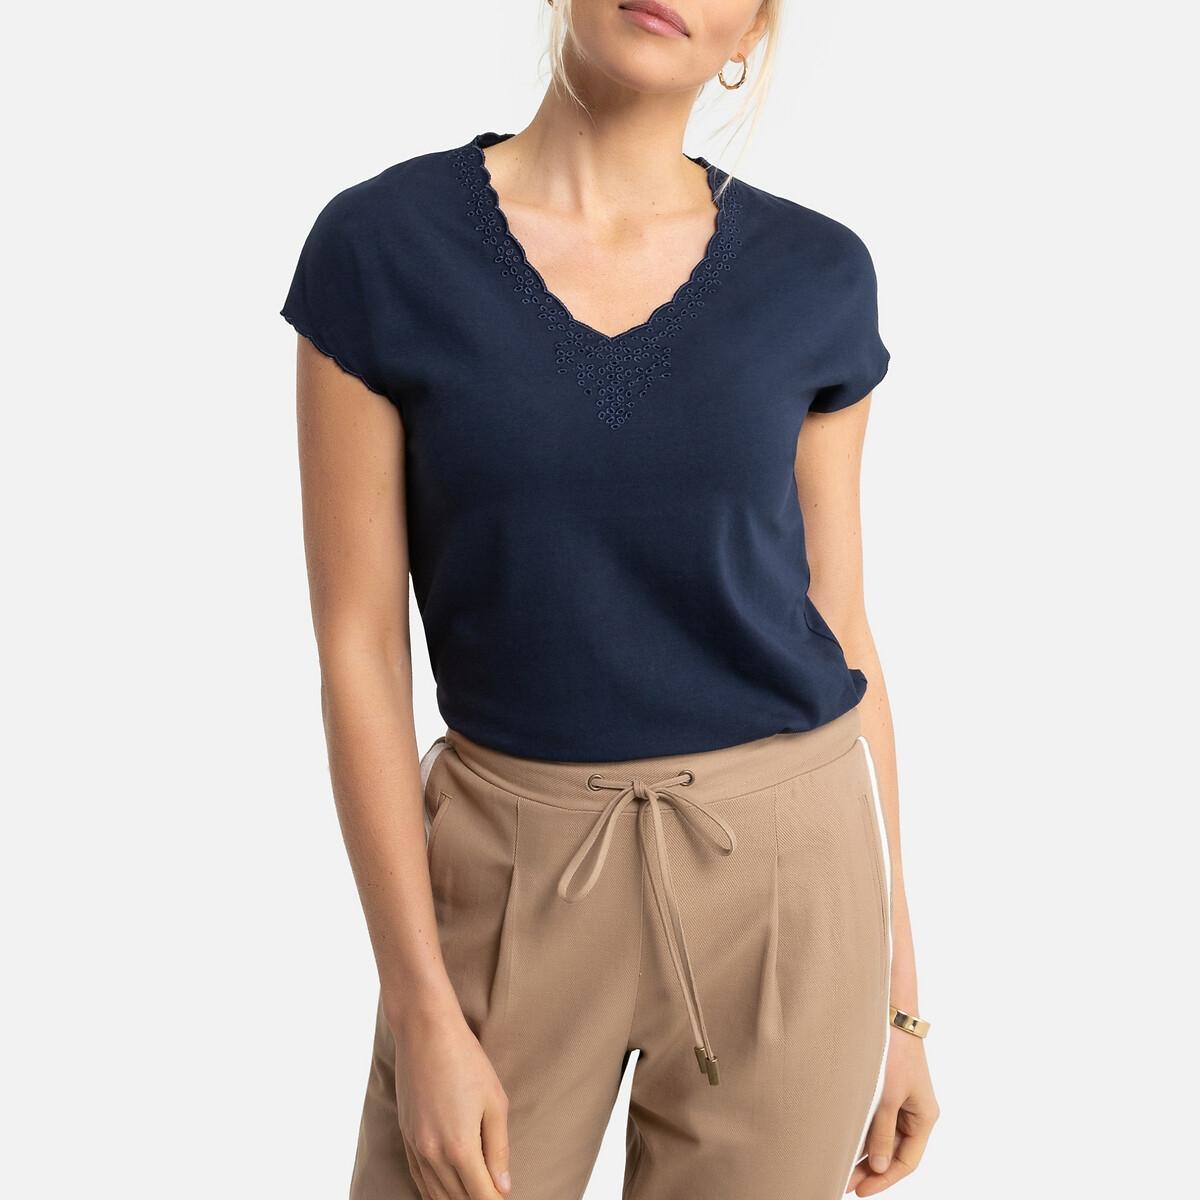 T-shirt com decote em V, mangas curtas